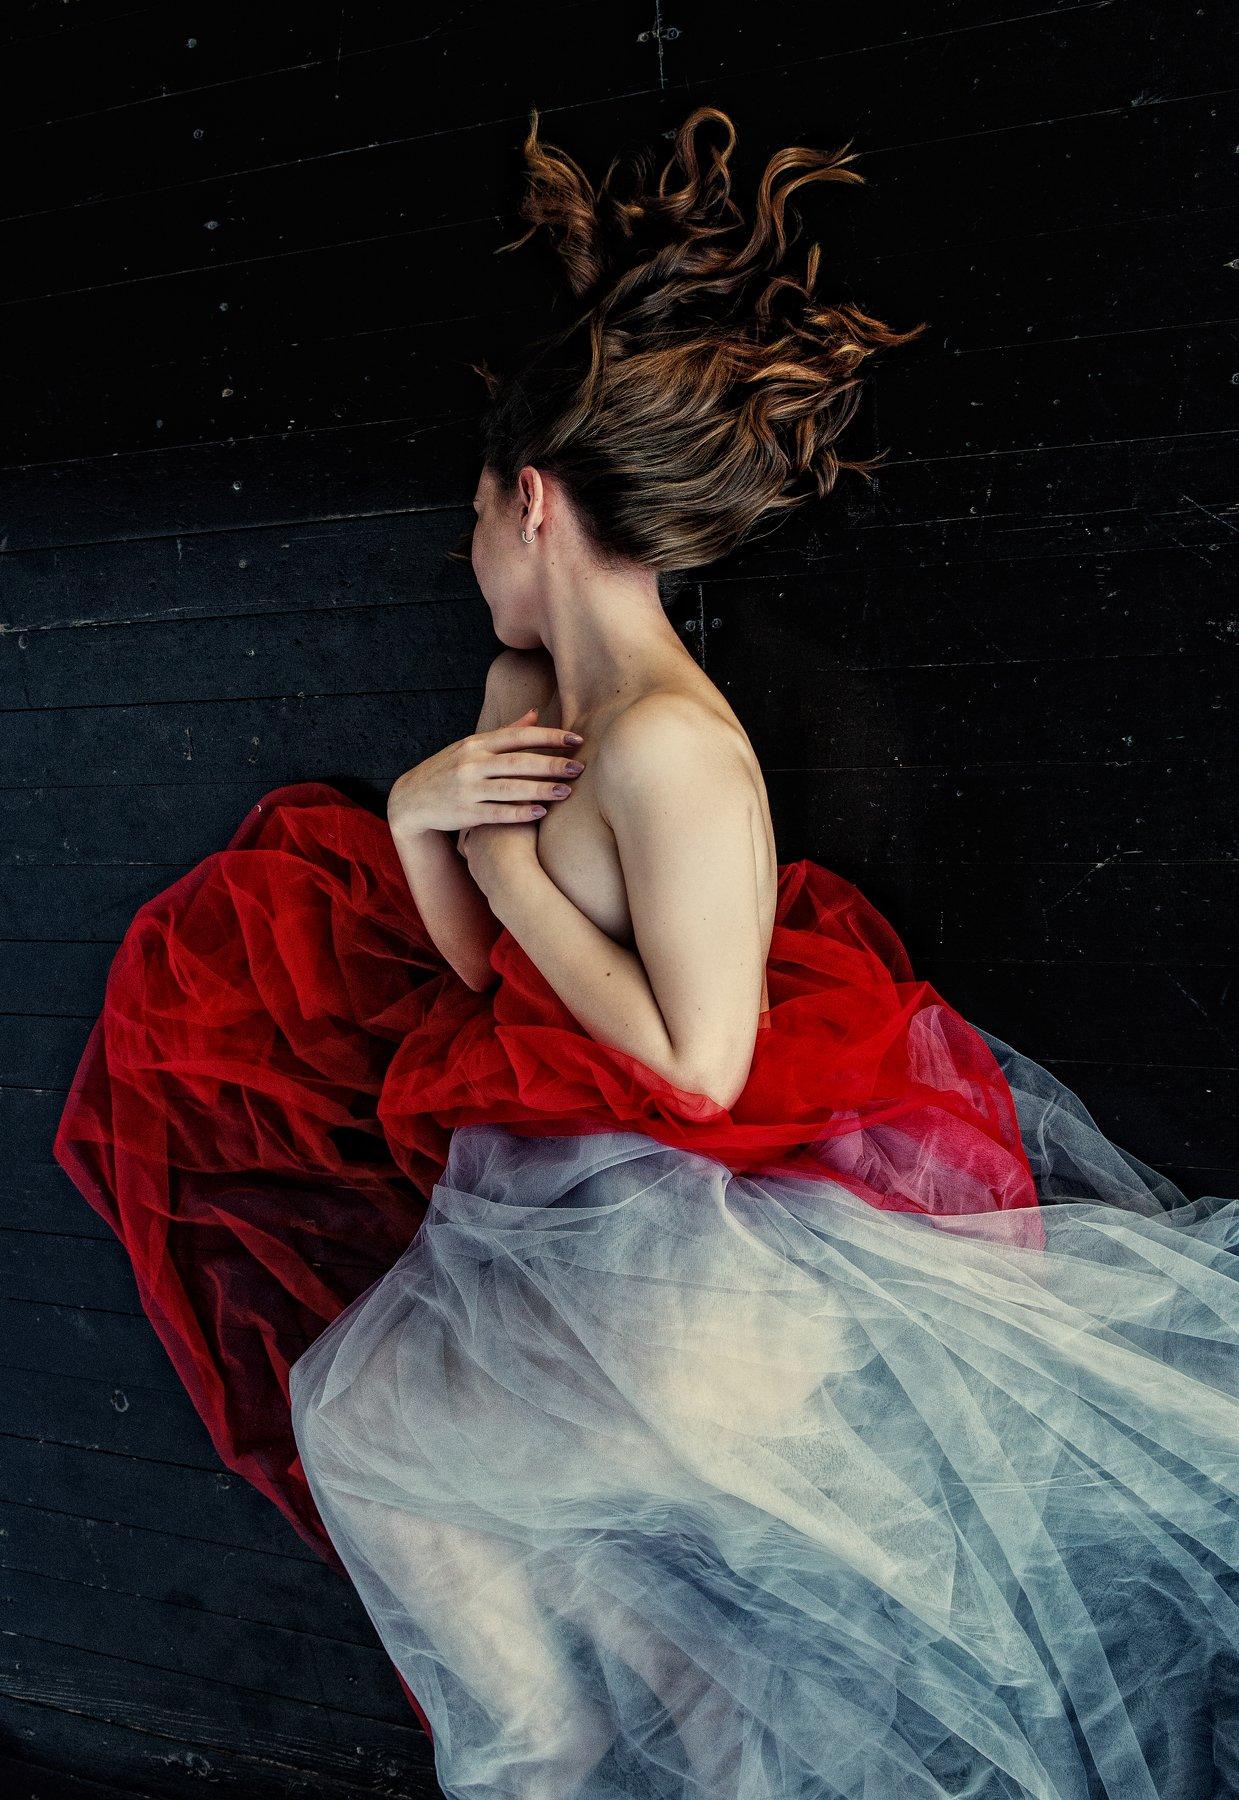 портрет ню сон девушка красота настроение , Барсукова Юлия